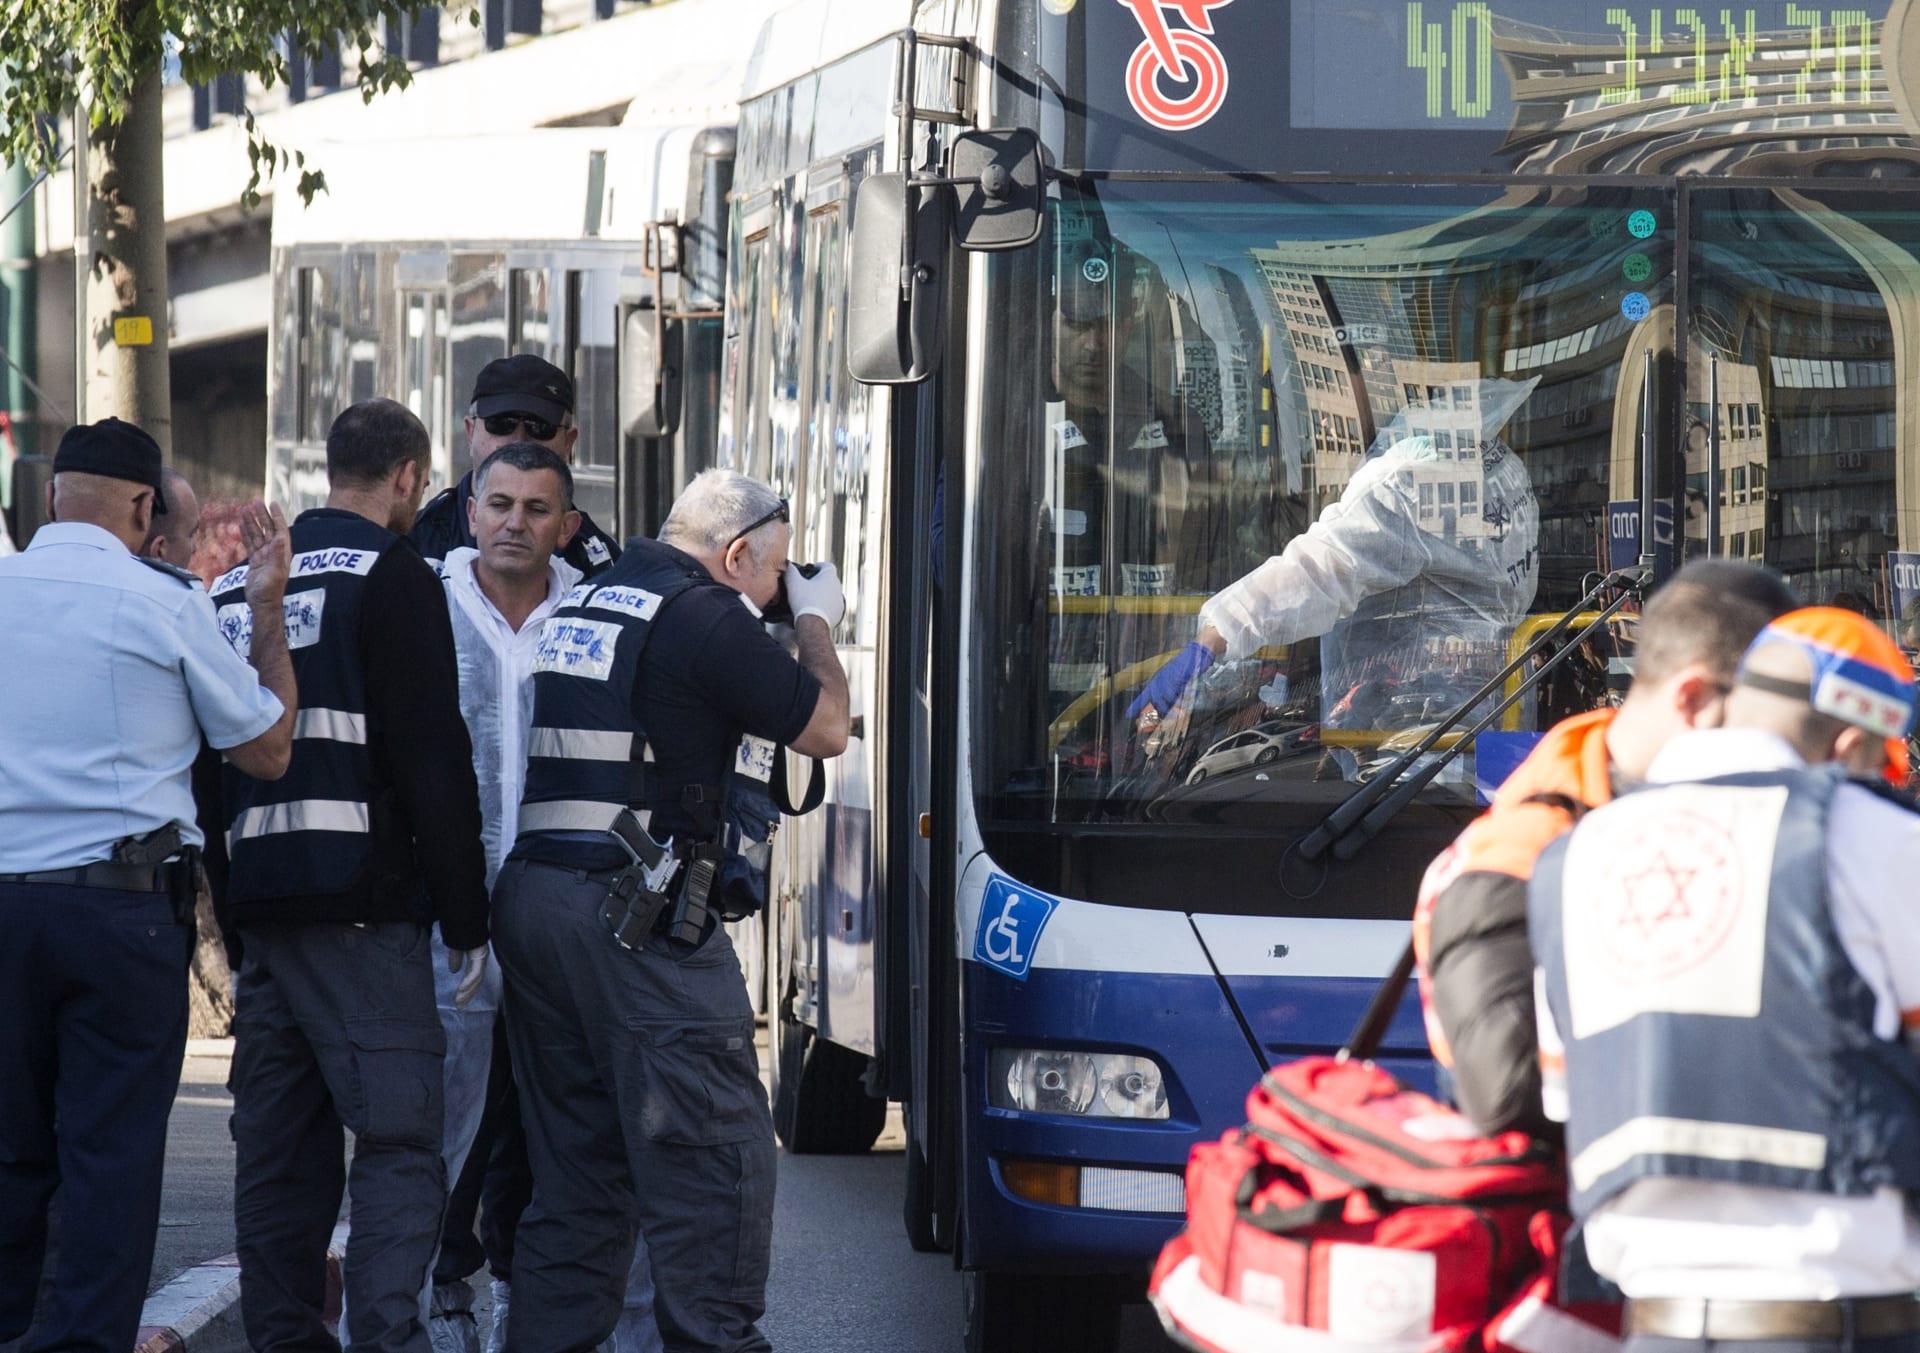 عم مهاجم حافلة الركاب في تل أبيب يتحدث لـCNN: ليس له انتماءات سياسية وحرّكته معاناة الفلسطينيين